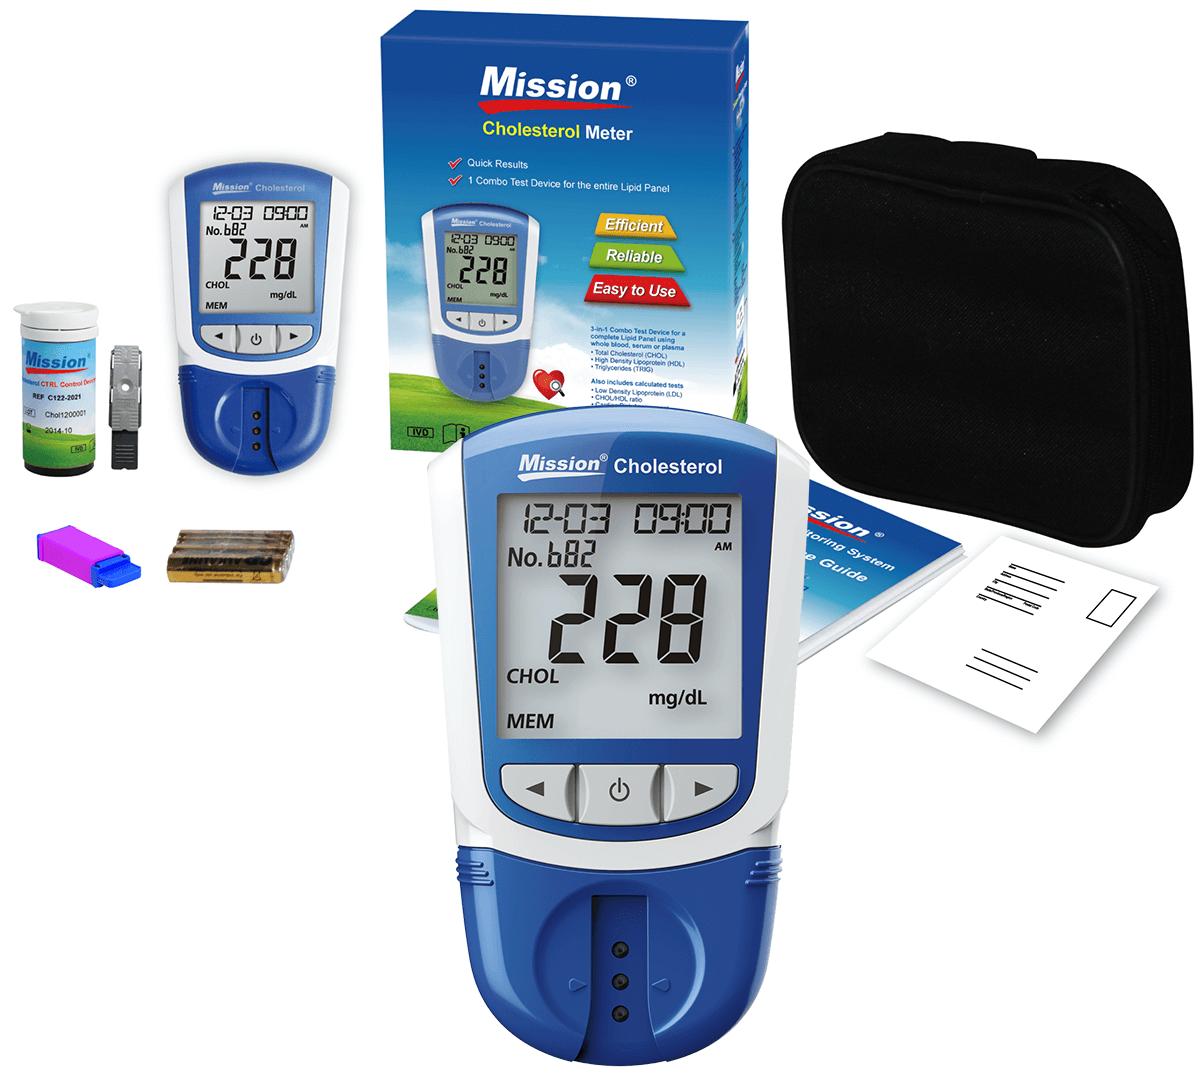 Kit Monitor de Perfil Lipídico Completo Mission + 50 Tiras